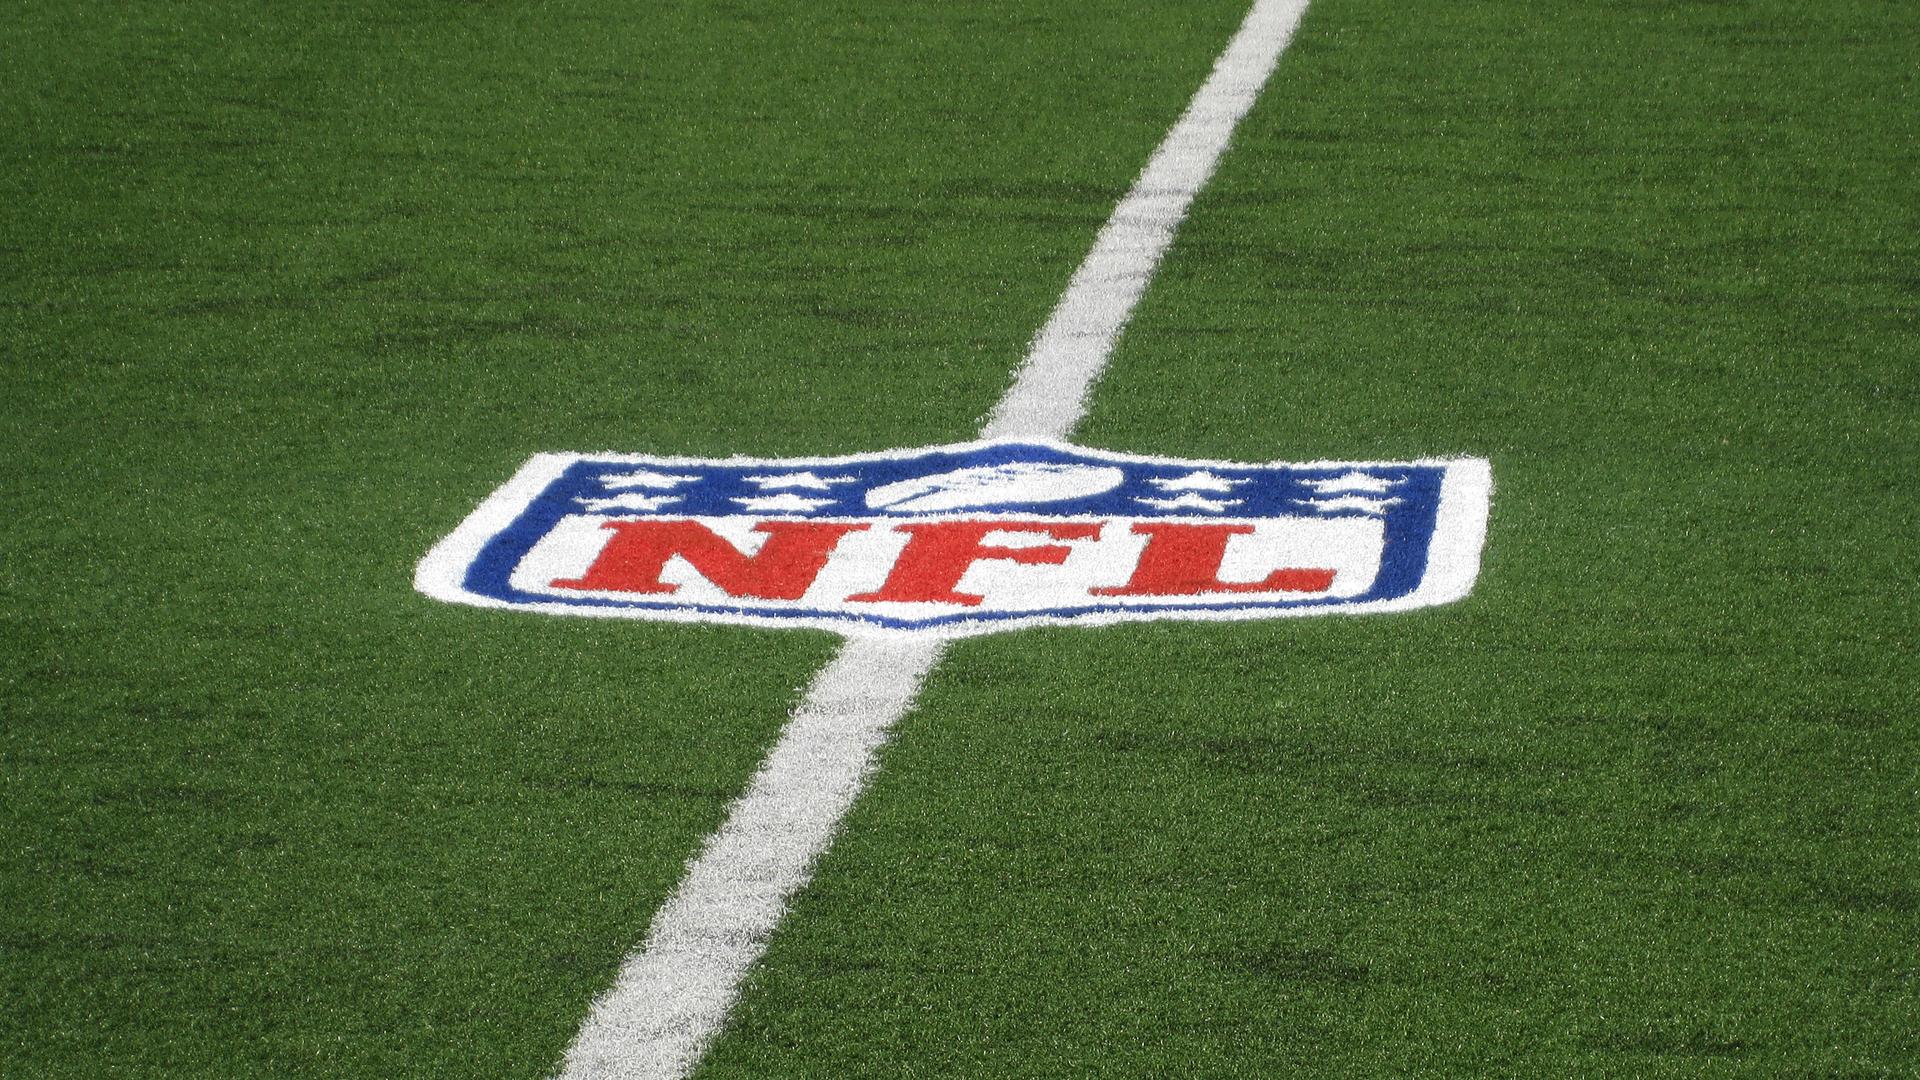 NFL Football Field